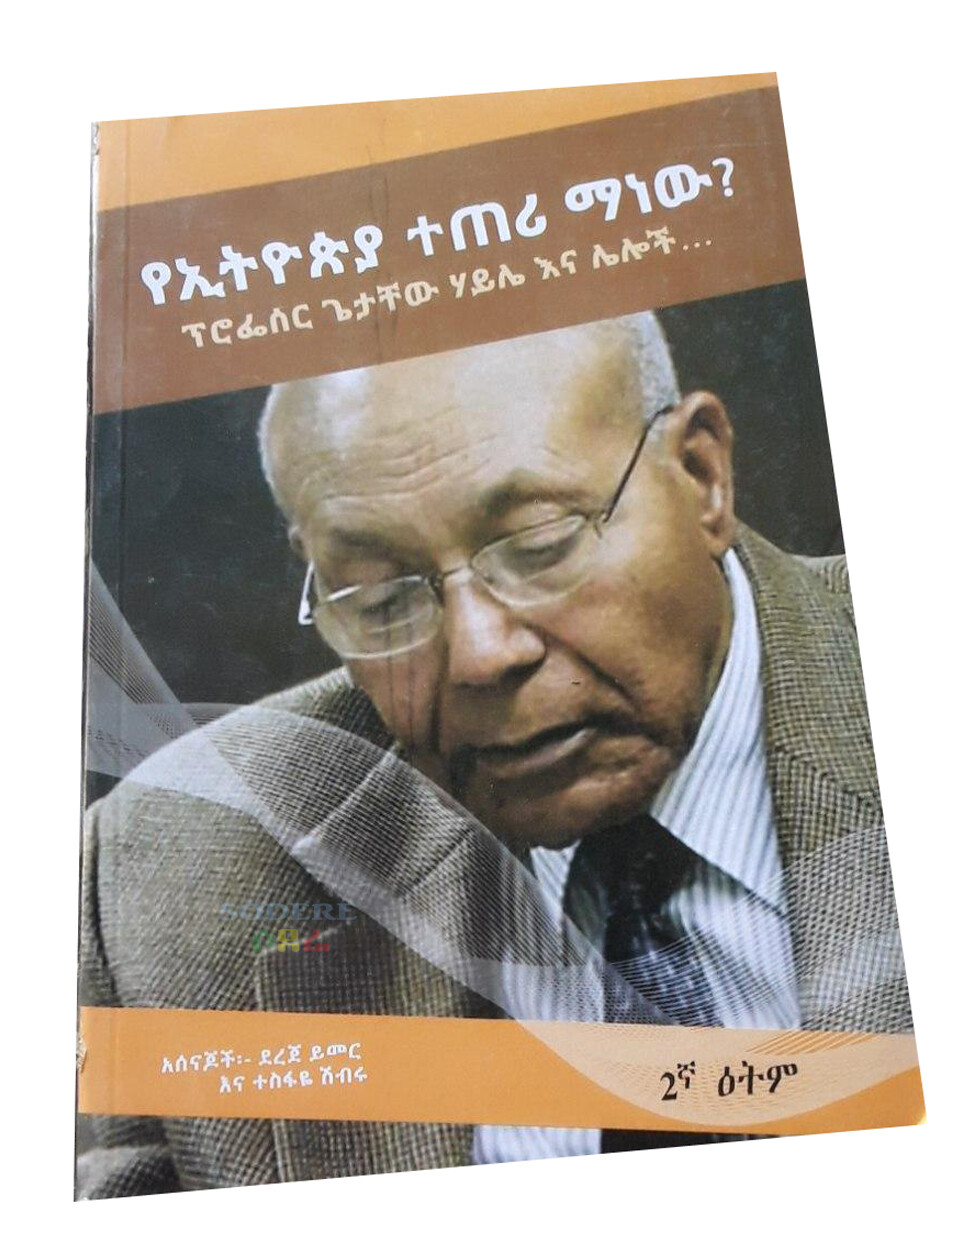 የኢትዮጵያ ተጠሪ ማነው? 2ኛ እትም Ye Ethiopia Teteri Manew? 2nd Edition  By Dereje Yimer and Tesfaye Shibiru